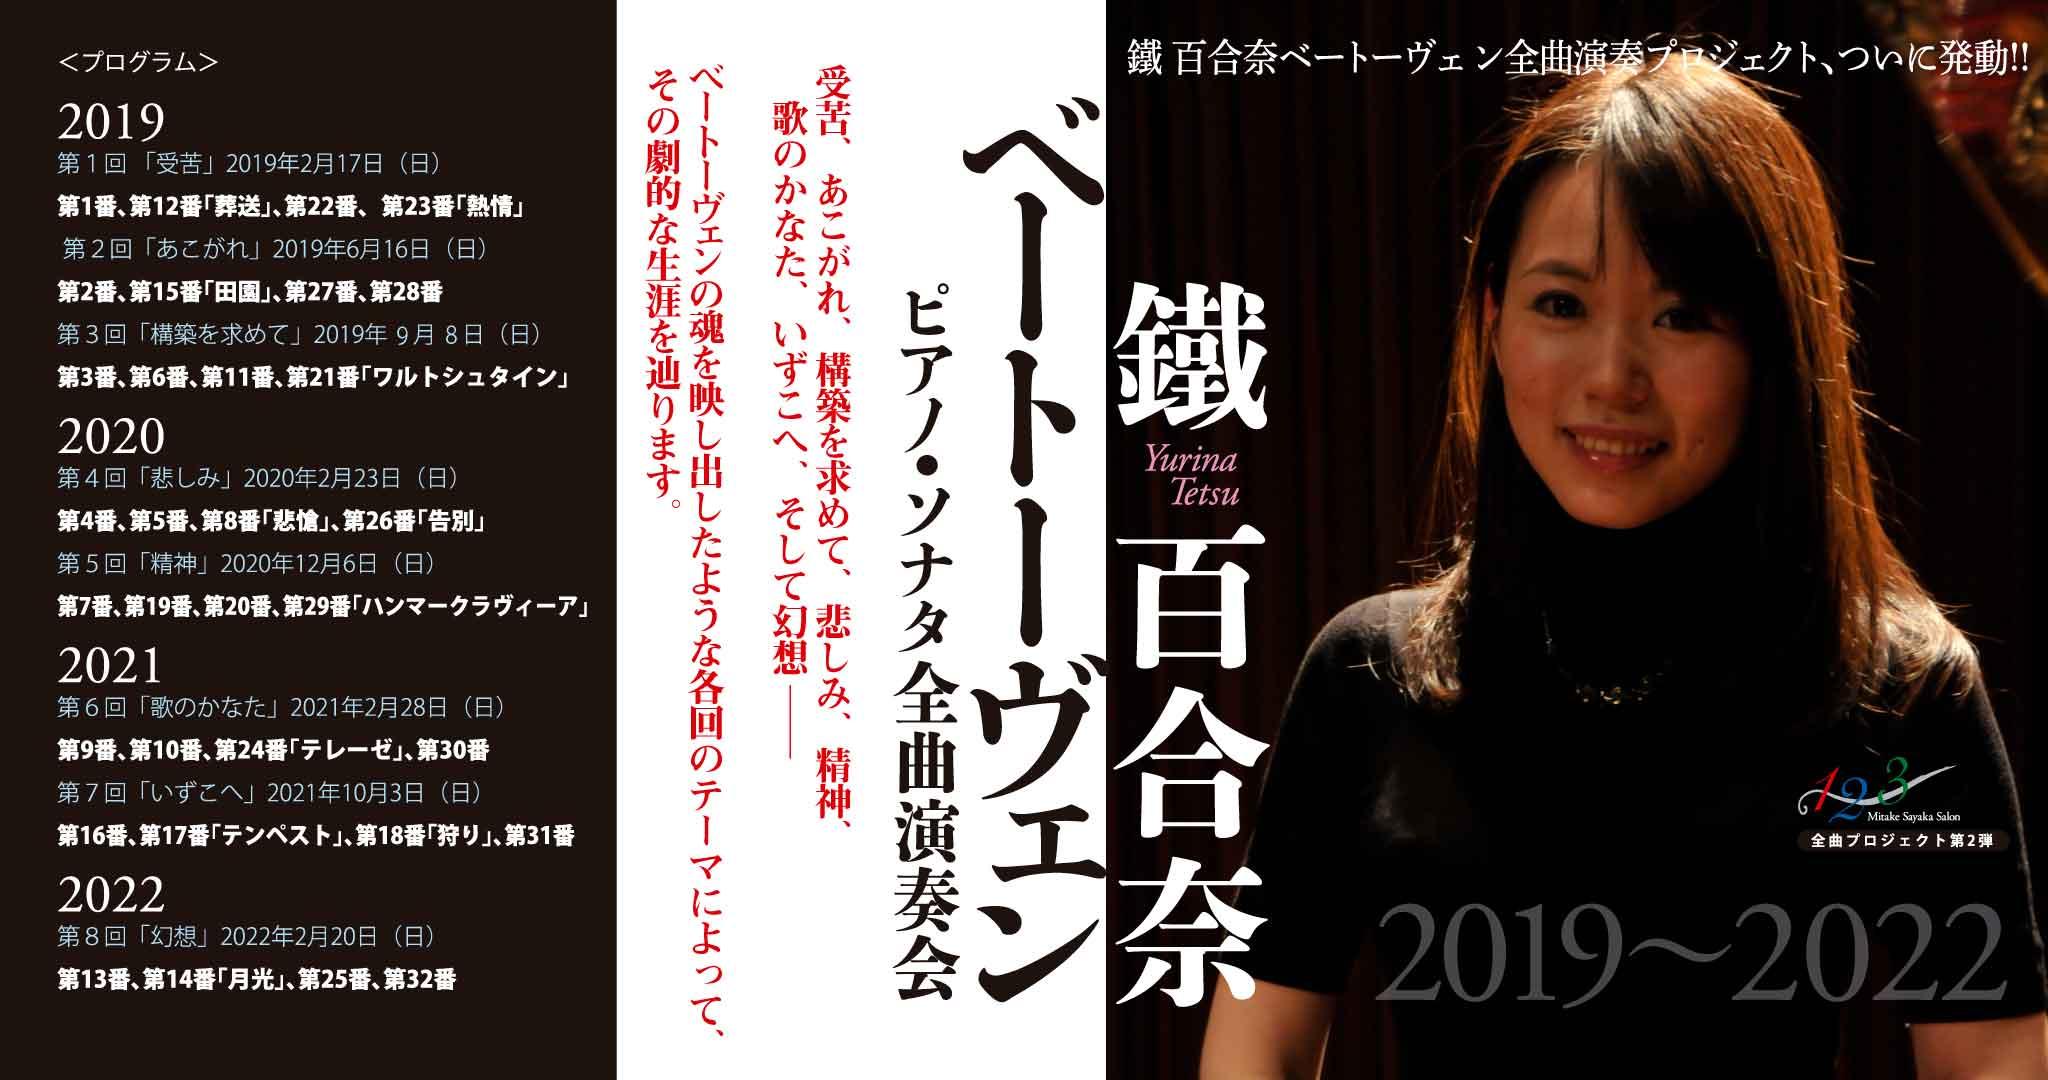 2月23日18:00〜 鐵百合奈ベートーヴェン ピアノ・ソナタ全曲演奏会<第4回>「悲しみ」